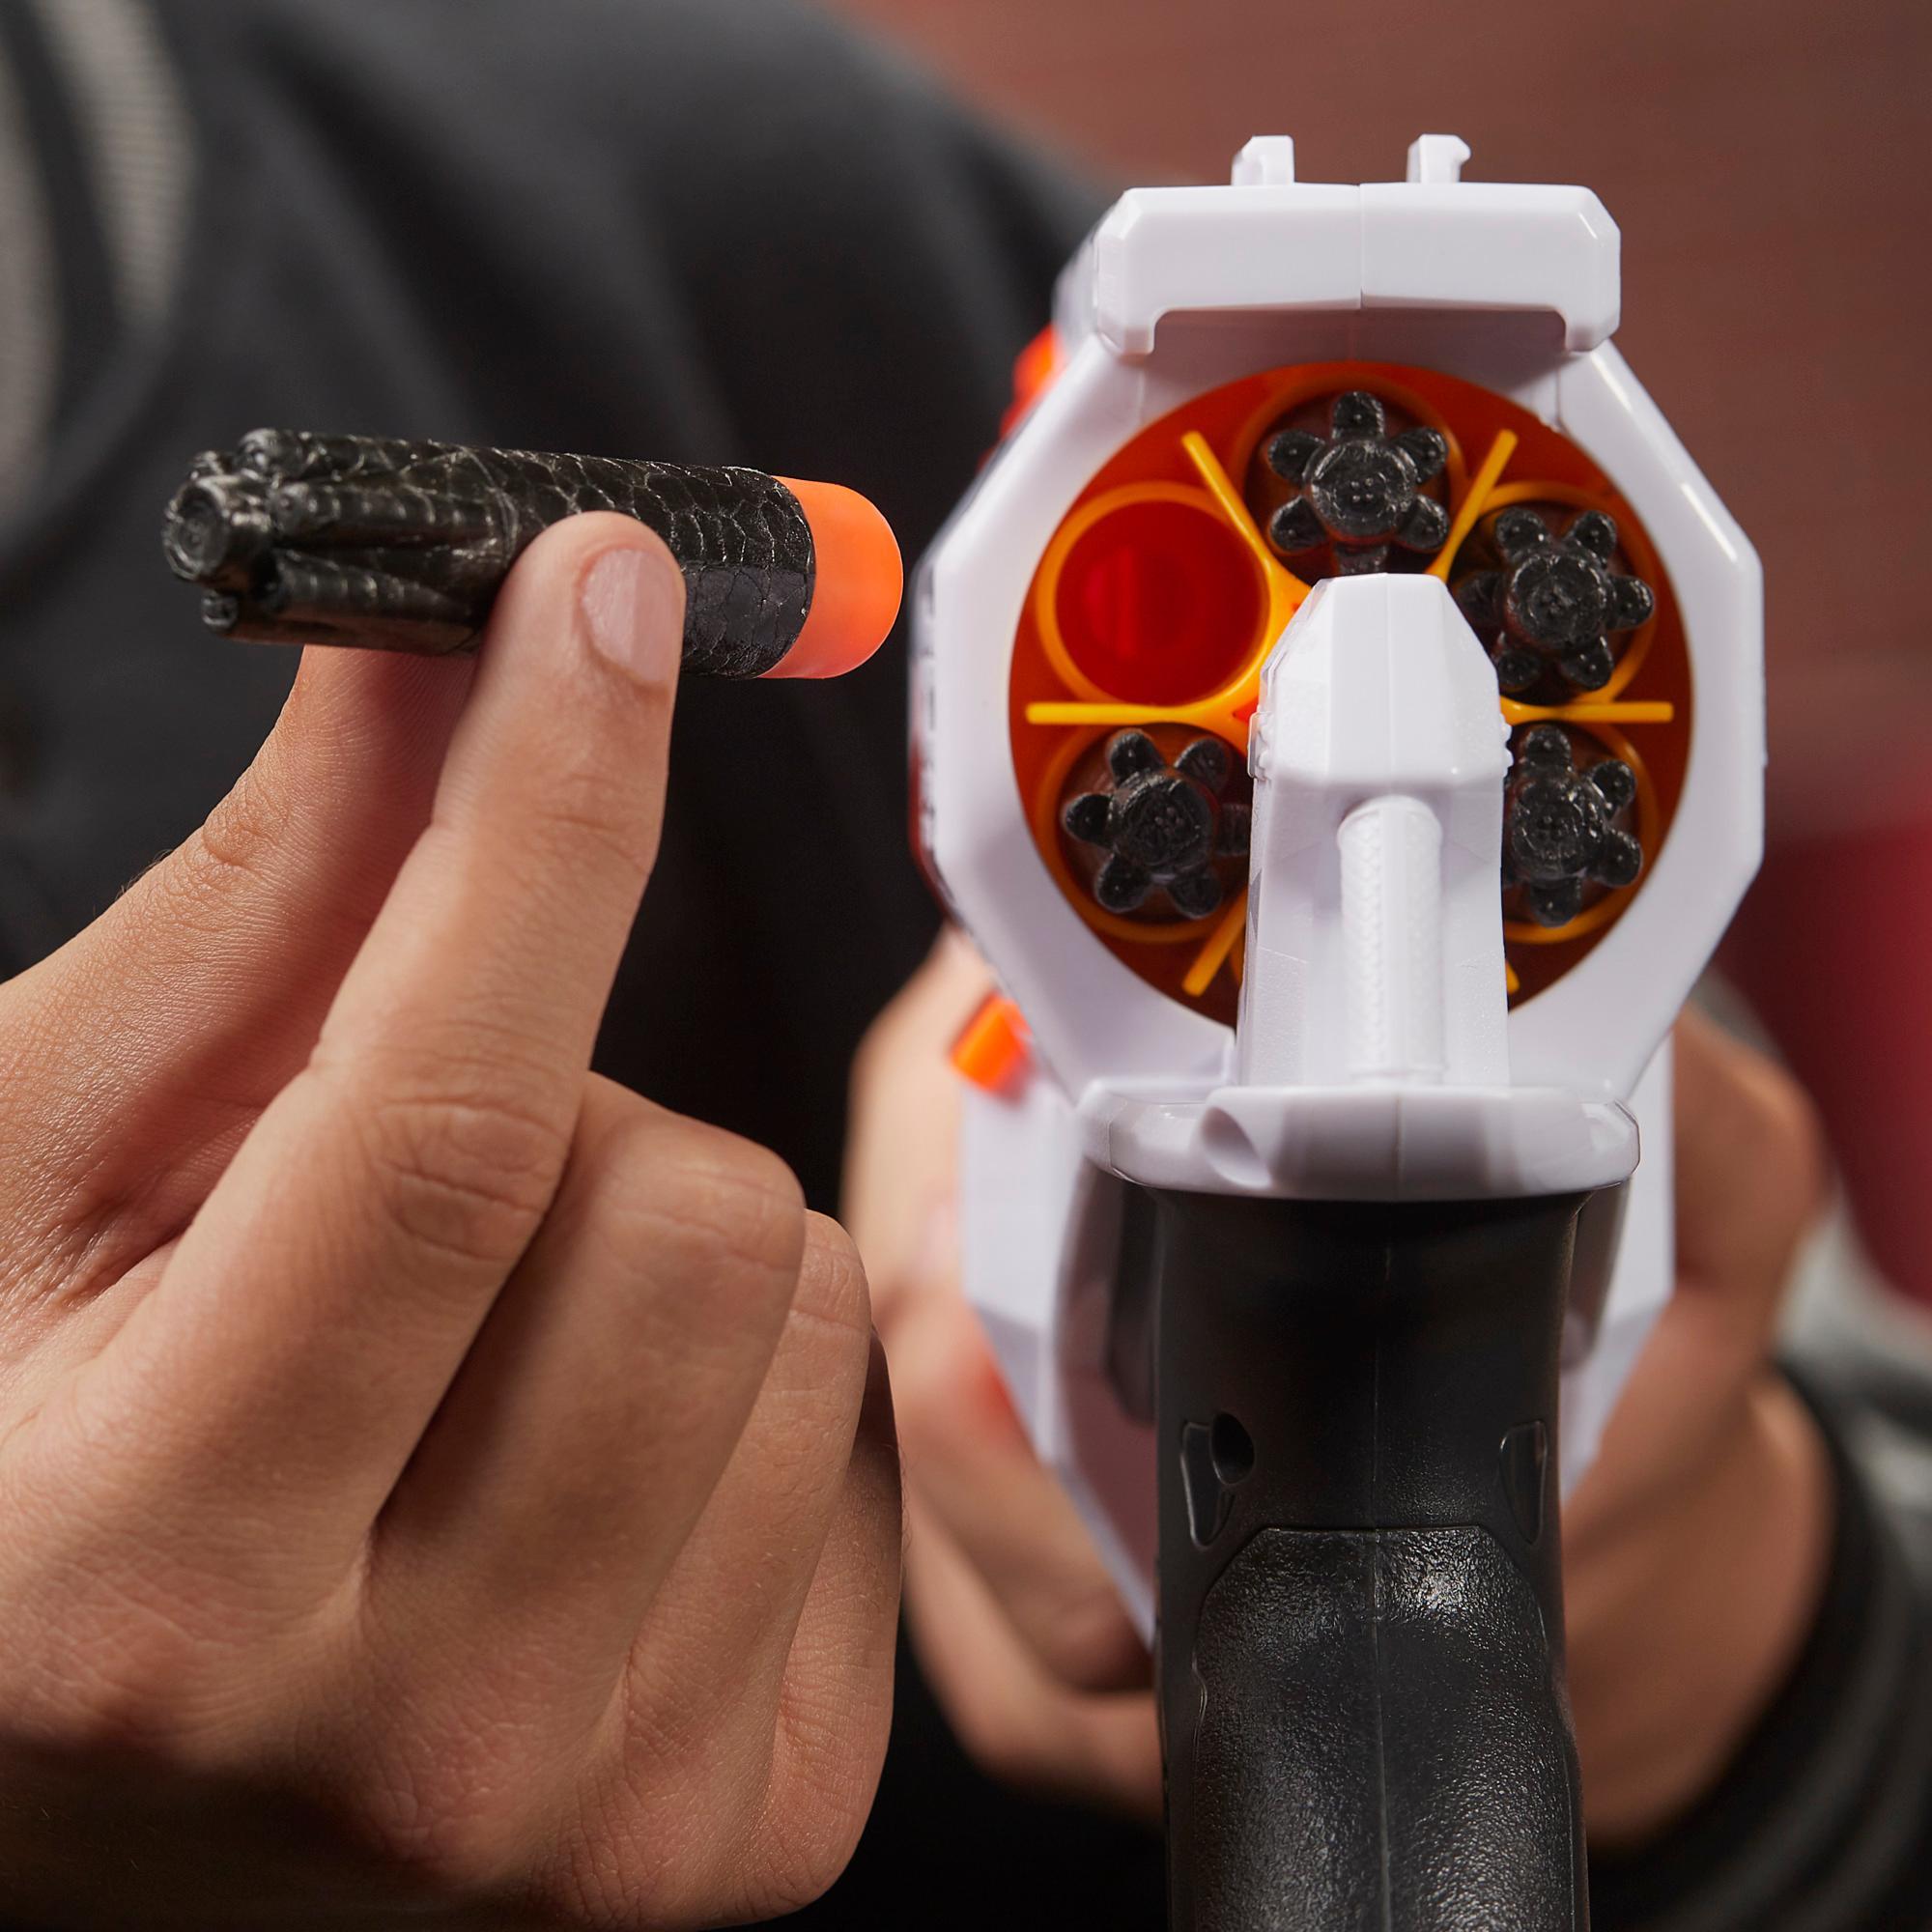 Μηχανοκίνητος Εκτοξευτής Nerf Ultra Two -- Γρήγορο οπίσθιο ξαναγέμισμα, 6 βελάκια Nerf Ultra -- Συμβατός μόνο με βελάκια Nerf Ultra